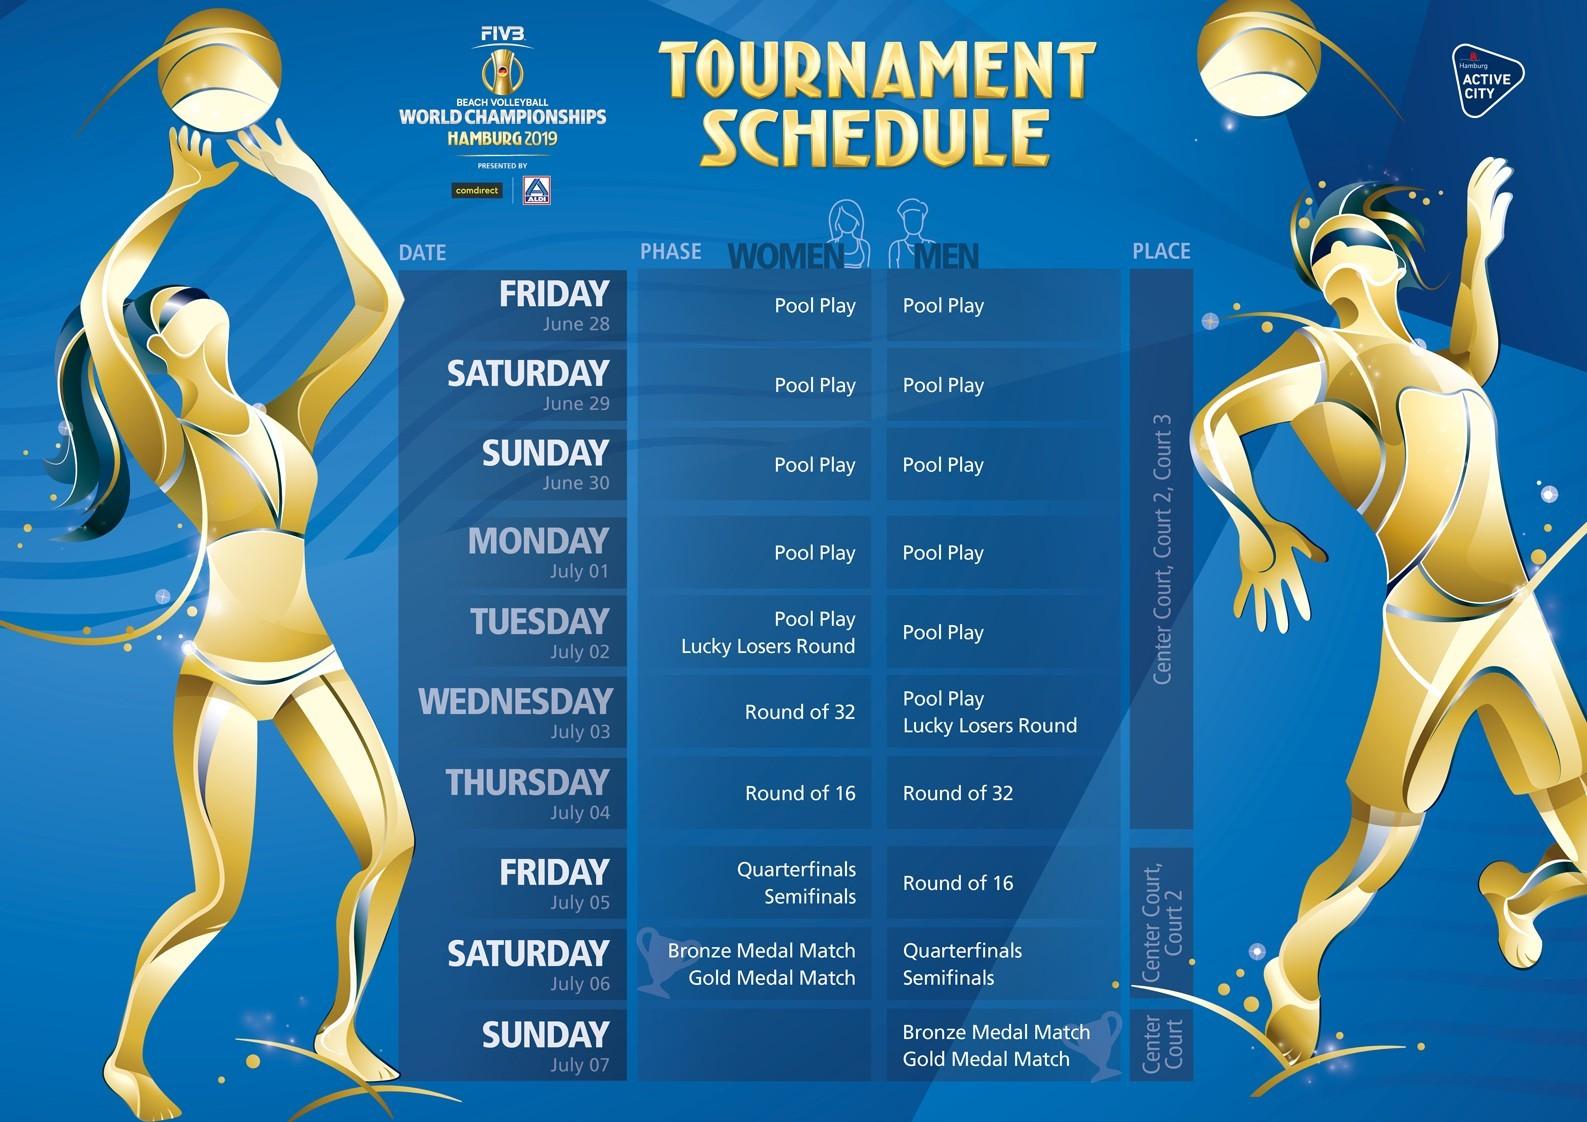 TournamentSchedule.jpg